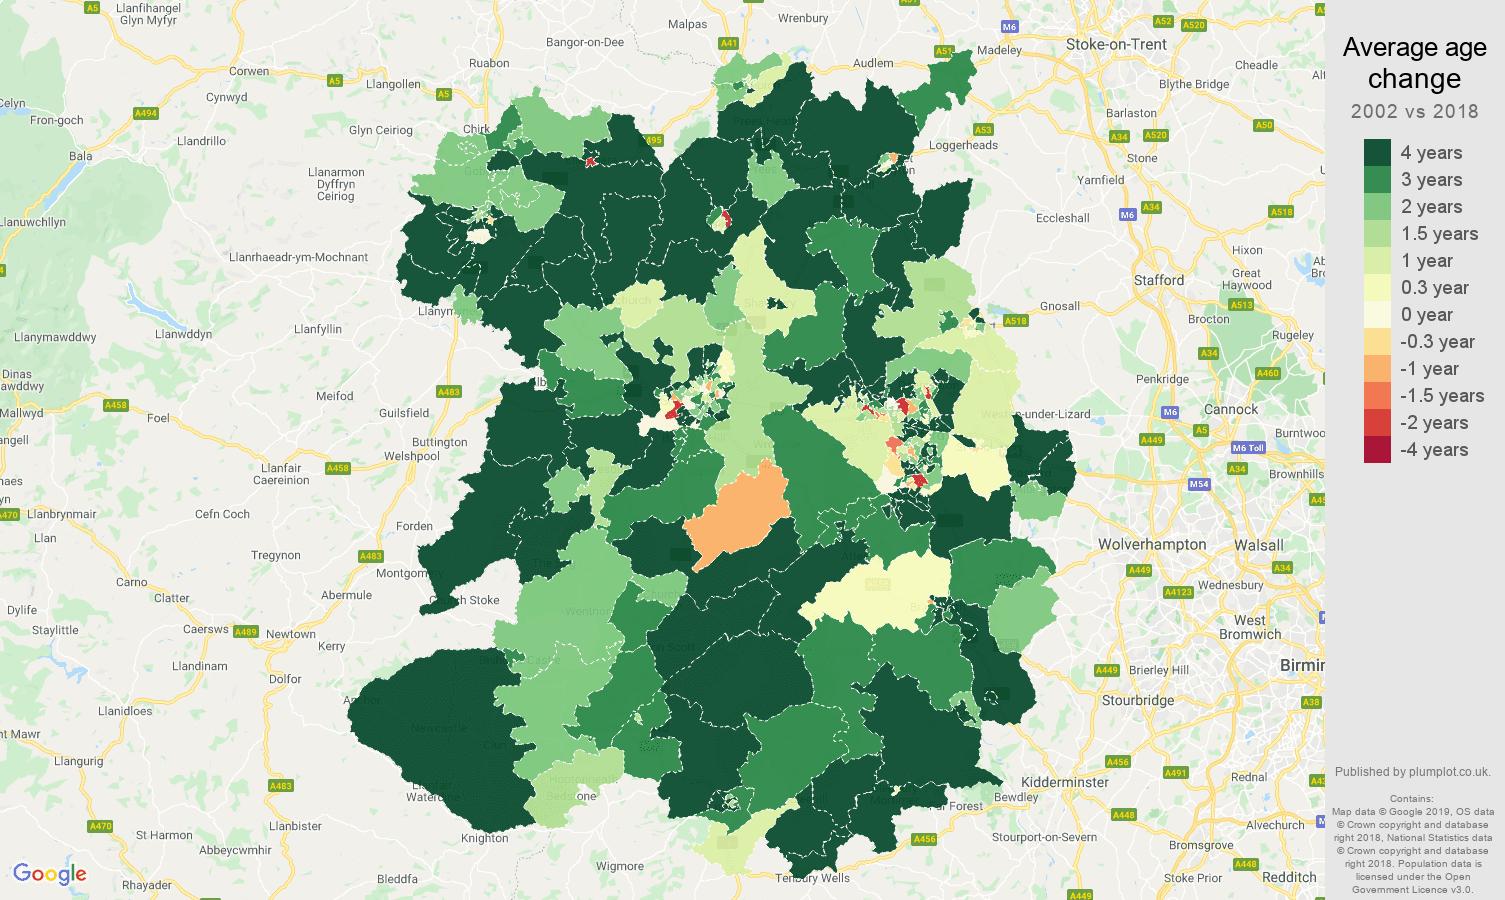 Shropshire average age change map